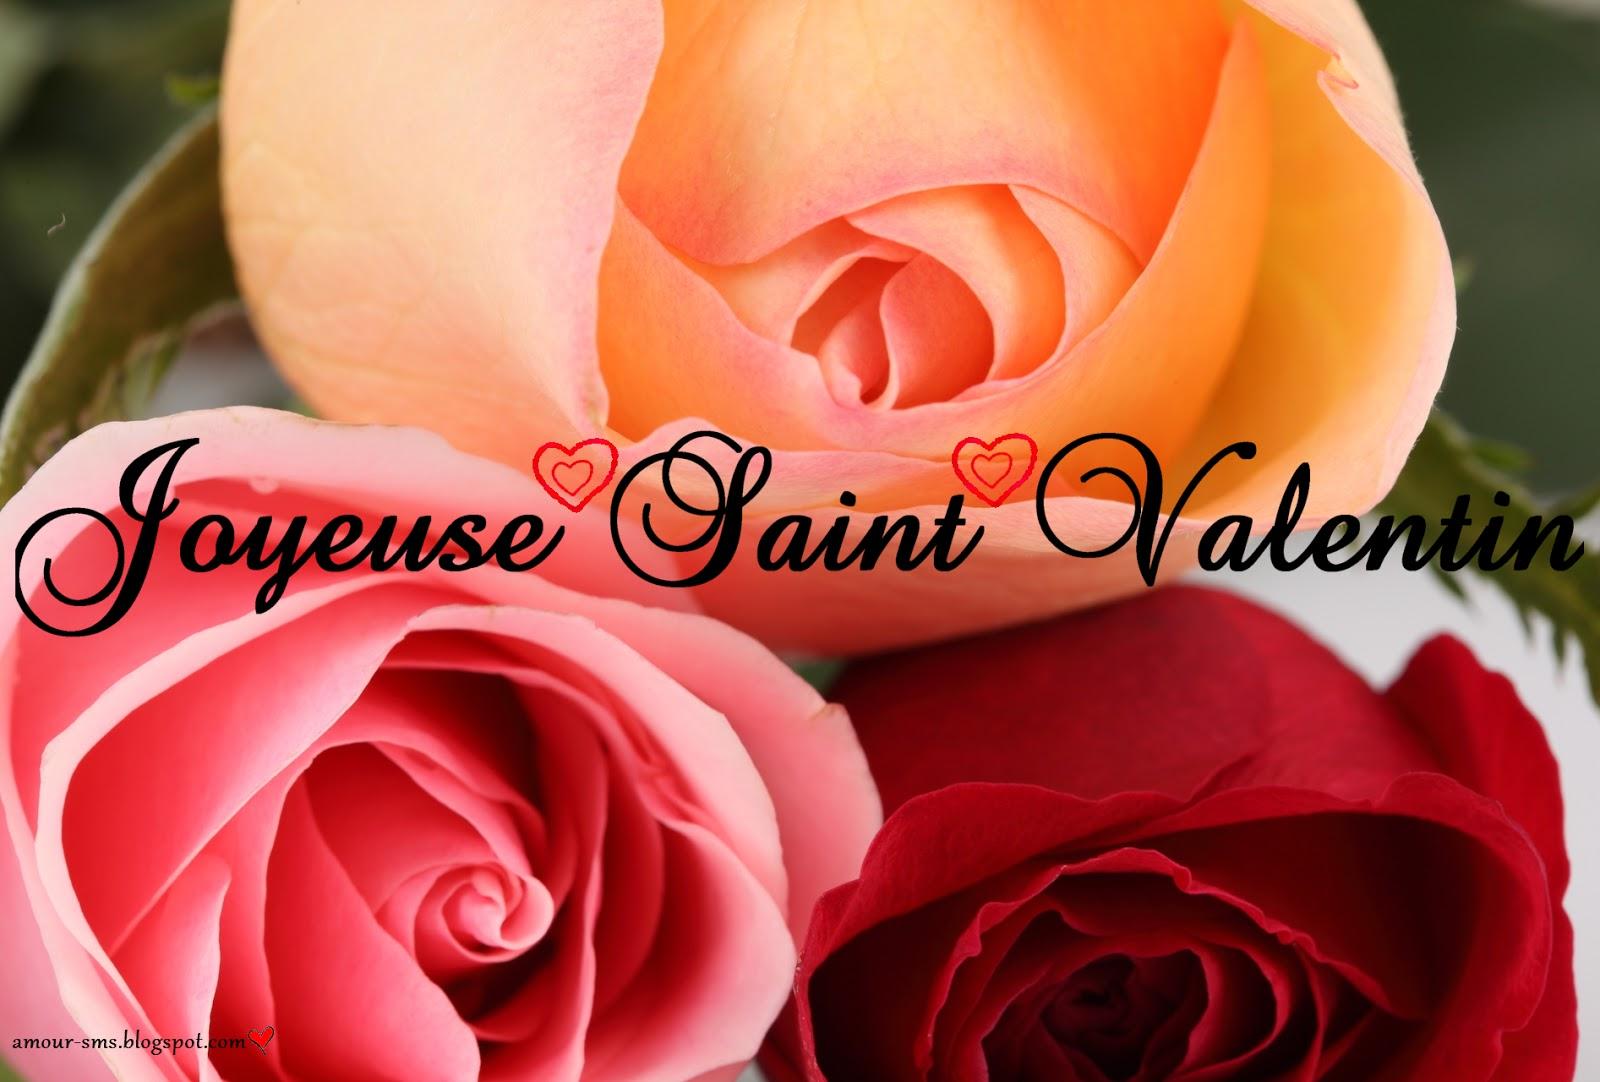 Sms romantique pour la saint valentin amour sms - Image saint valentin romantique ...